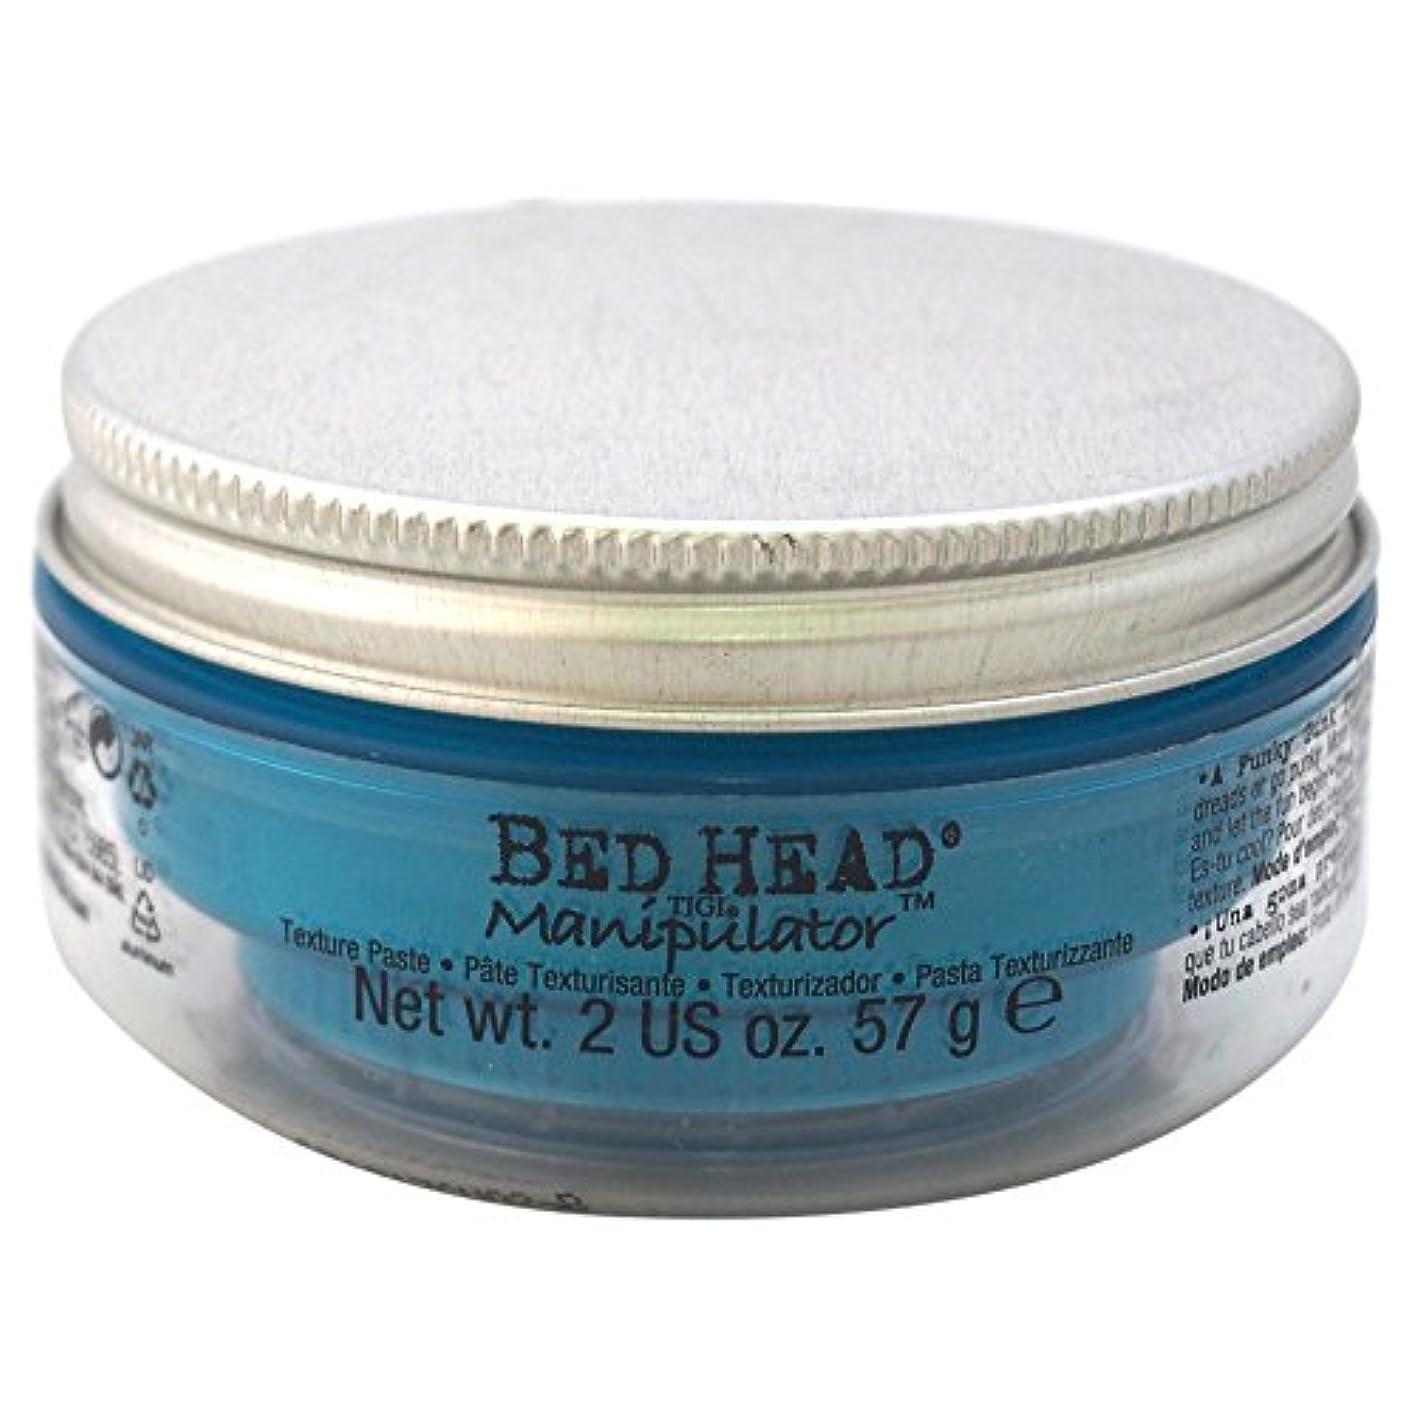 ばかげた喪脆いティジー ベッドヘッドマニピュレーター テキシチヤ ペースト Tigi Bed Head Manipulator Texture Paste 57 ml [並行輸入品]